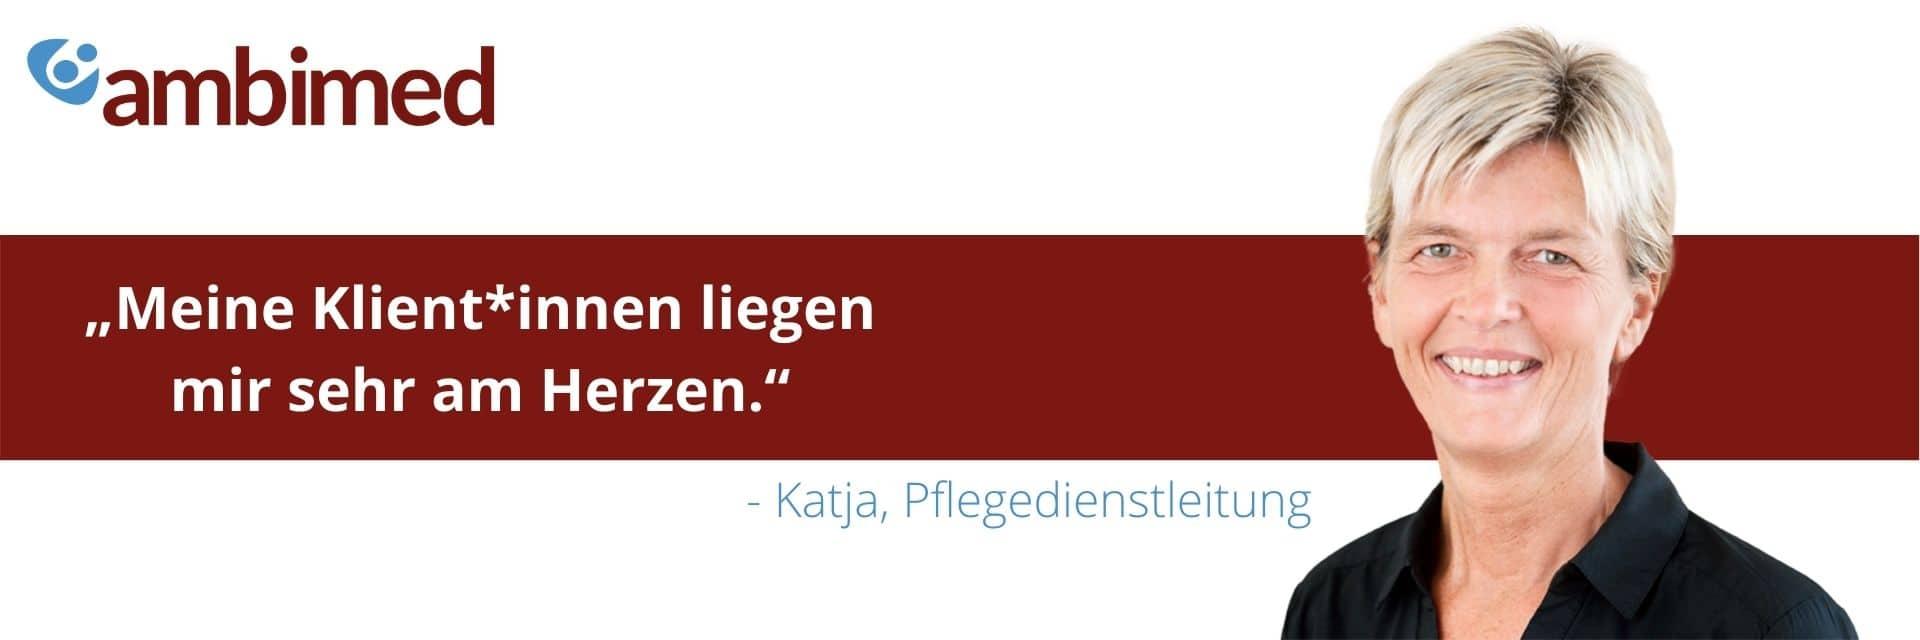 Pflegedienstleitung Katja: Meine Klient:innen liegen mir am Herzen